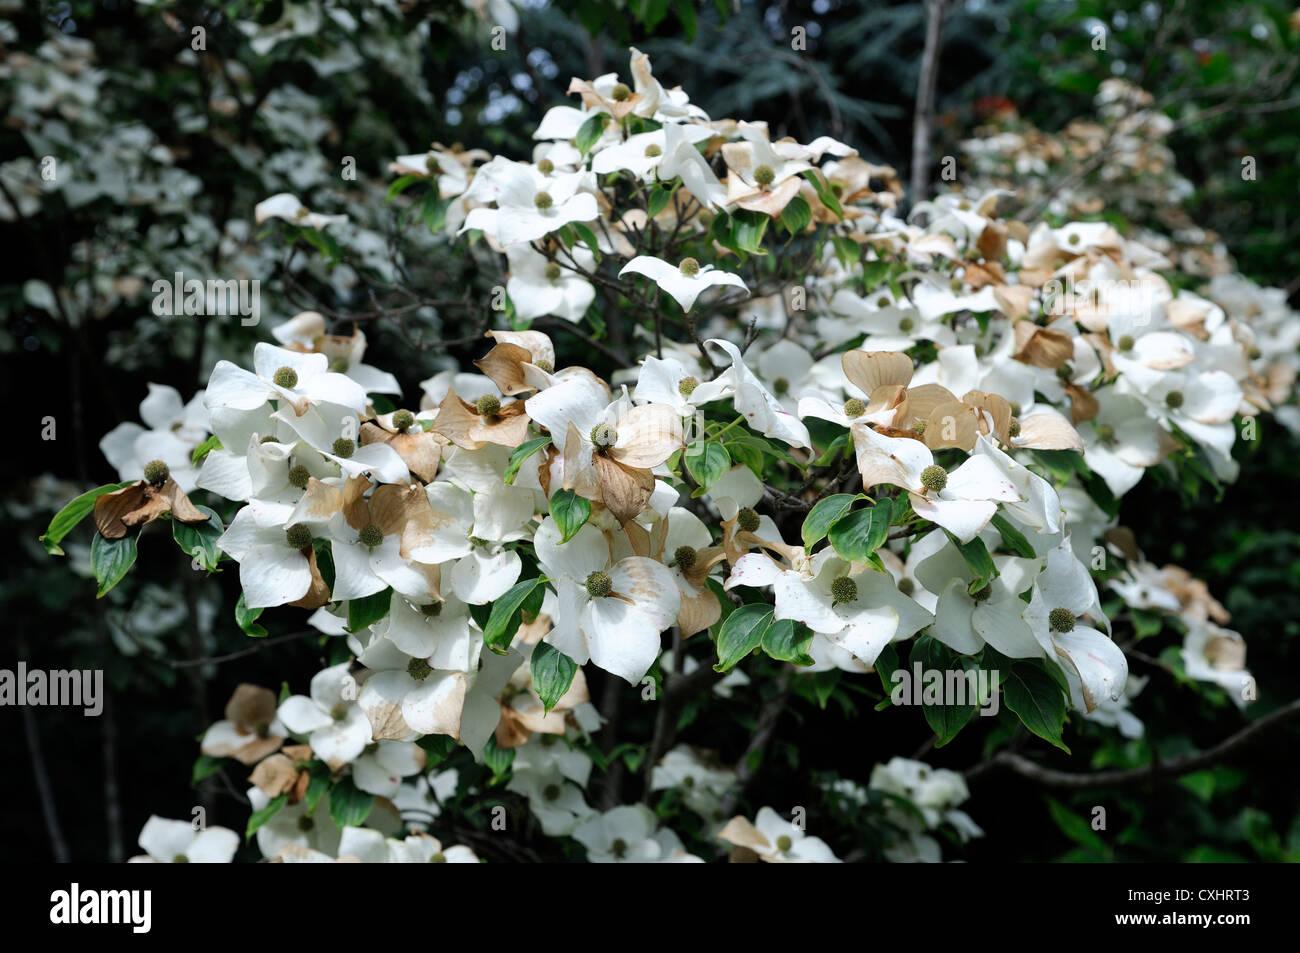 White Flowering Summer Trees Stock Photos White Flowering Summer